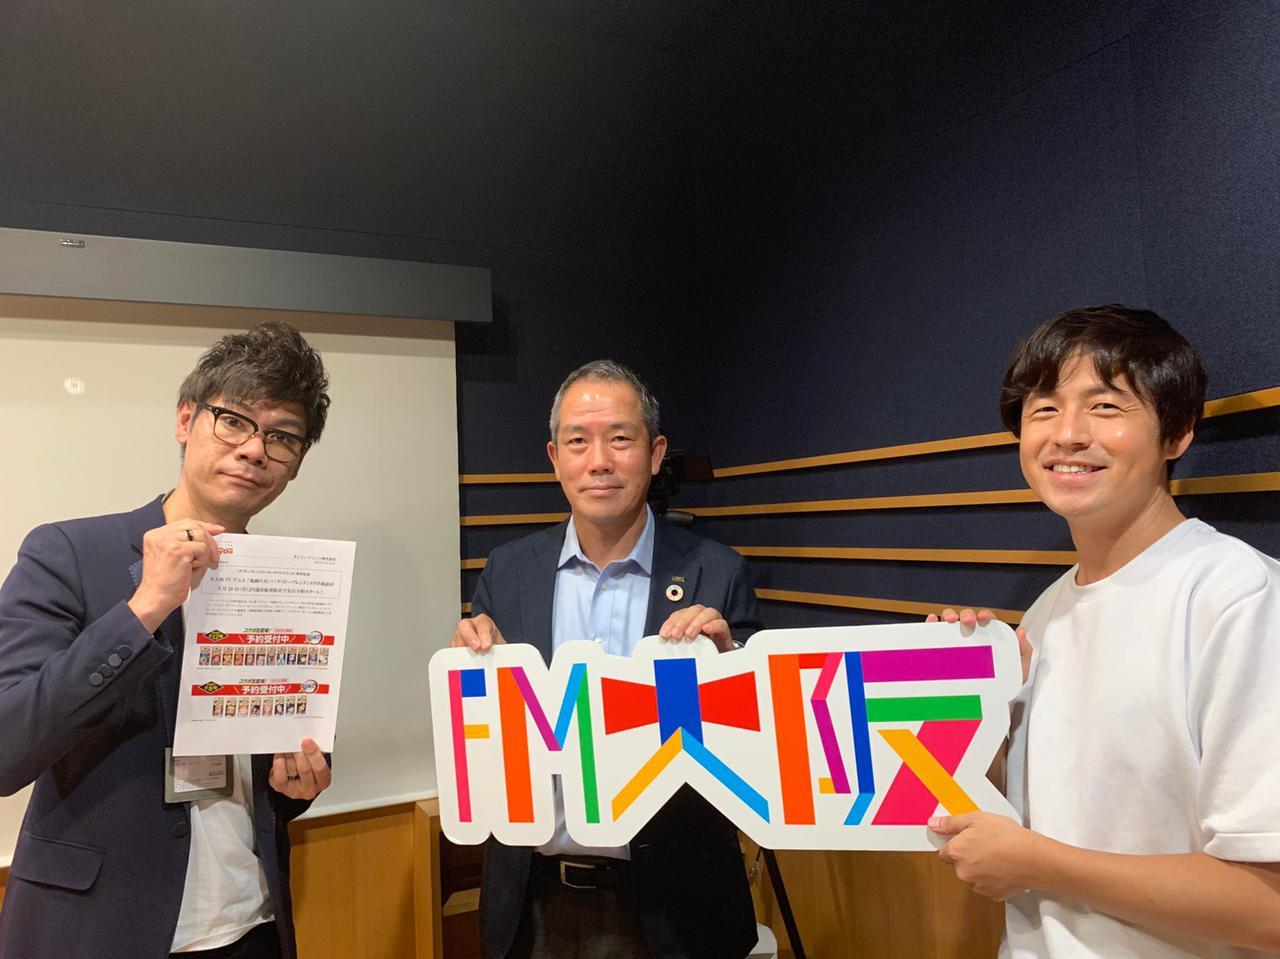 画像: ★「日高さん、ありがとうございました!」Uちゃん&谷さん